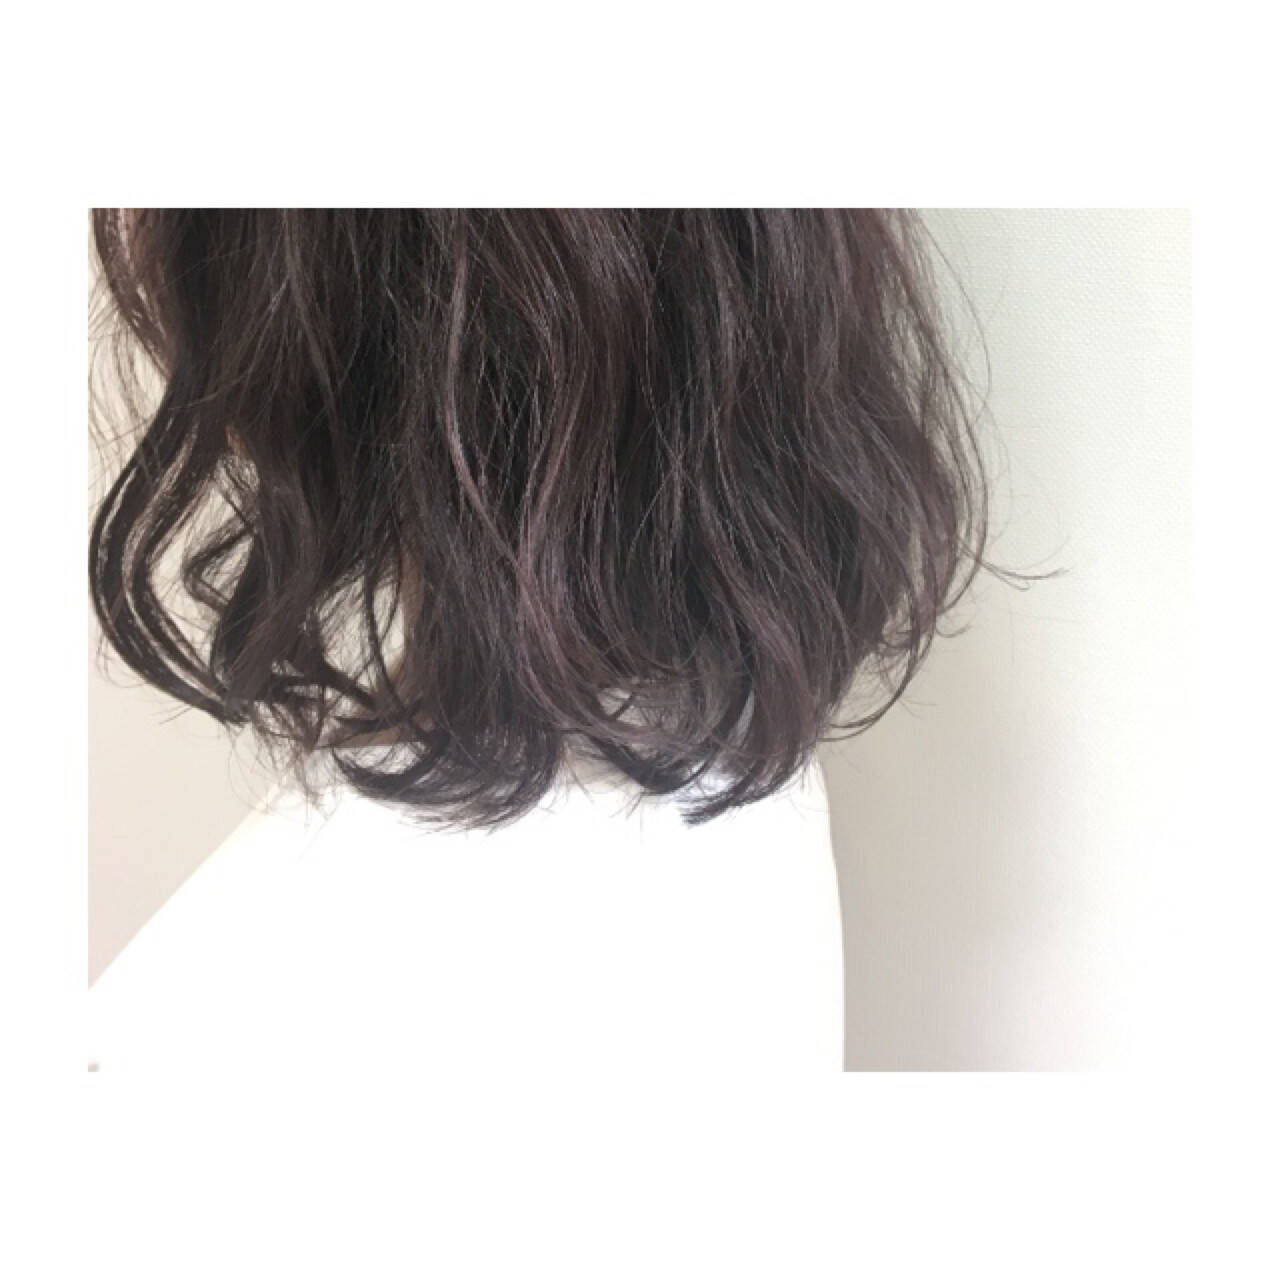 ミディアム ラベンダーピンク フェミニン ラベンダーヘアスタイルや髪型の写真・画像